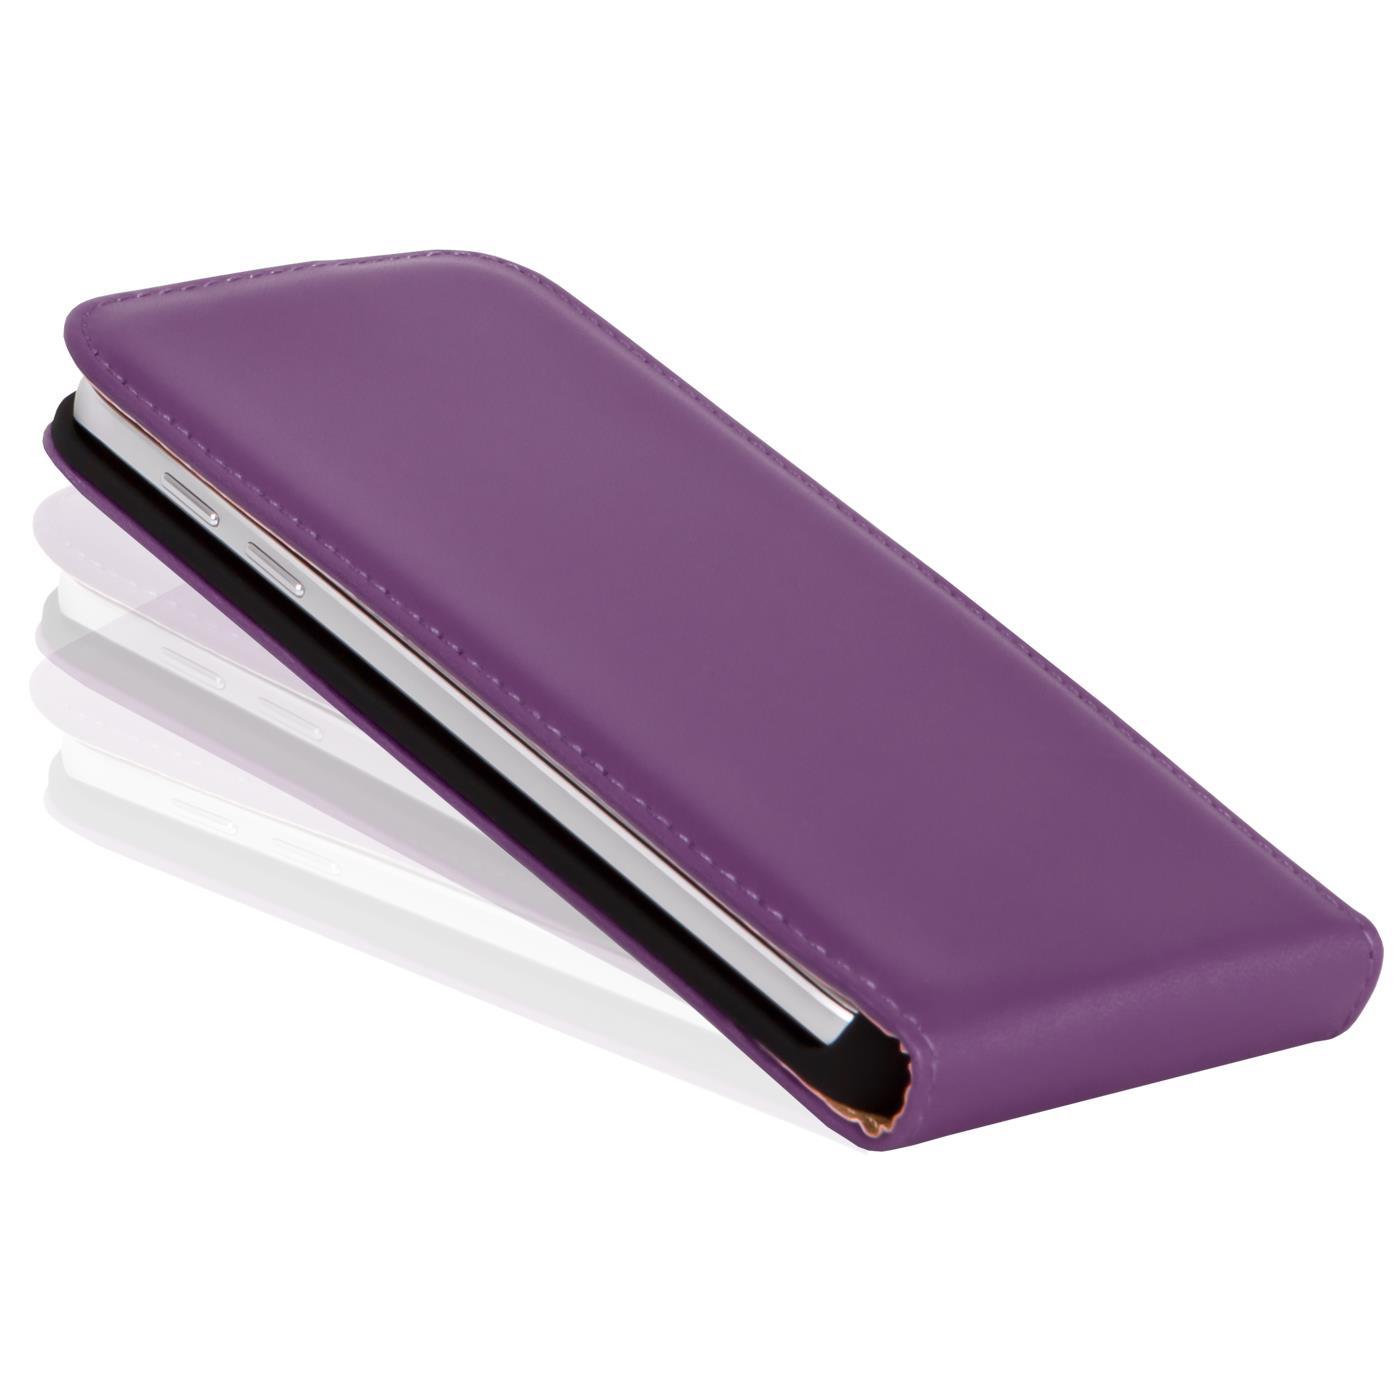 Klapphuelle-Samsung-Galaxy-Flip-Case-Tasche-Schutzhuelle-Cover-Schutz-Handy-Huelle Indexbild 27